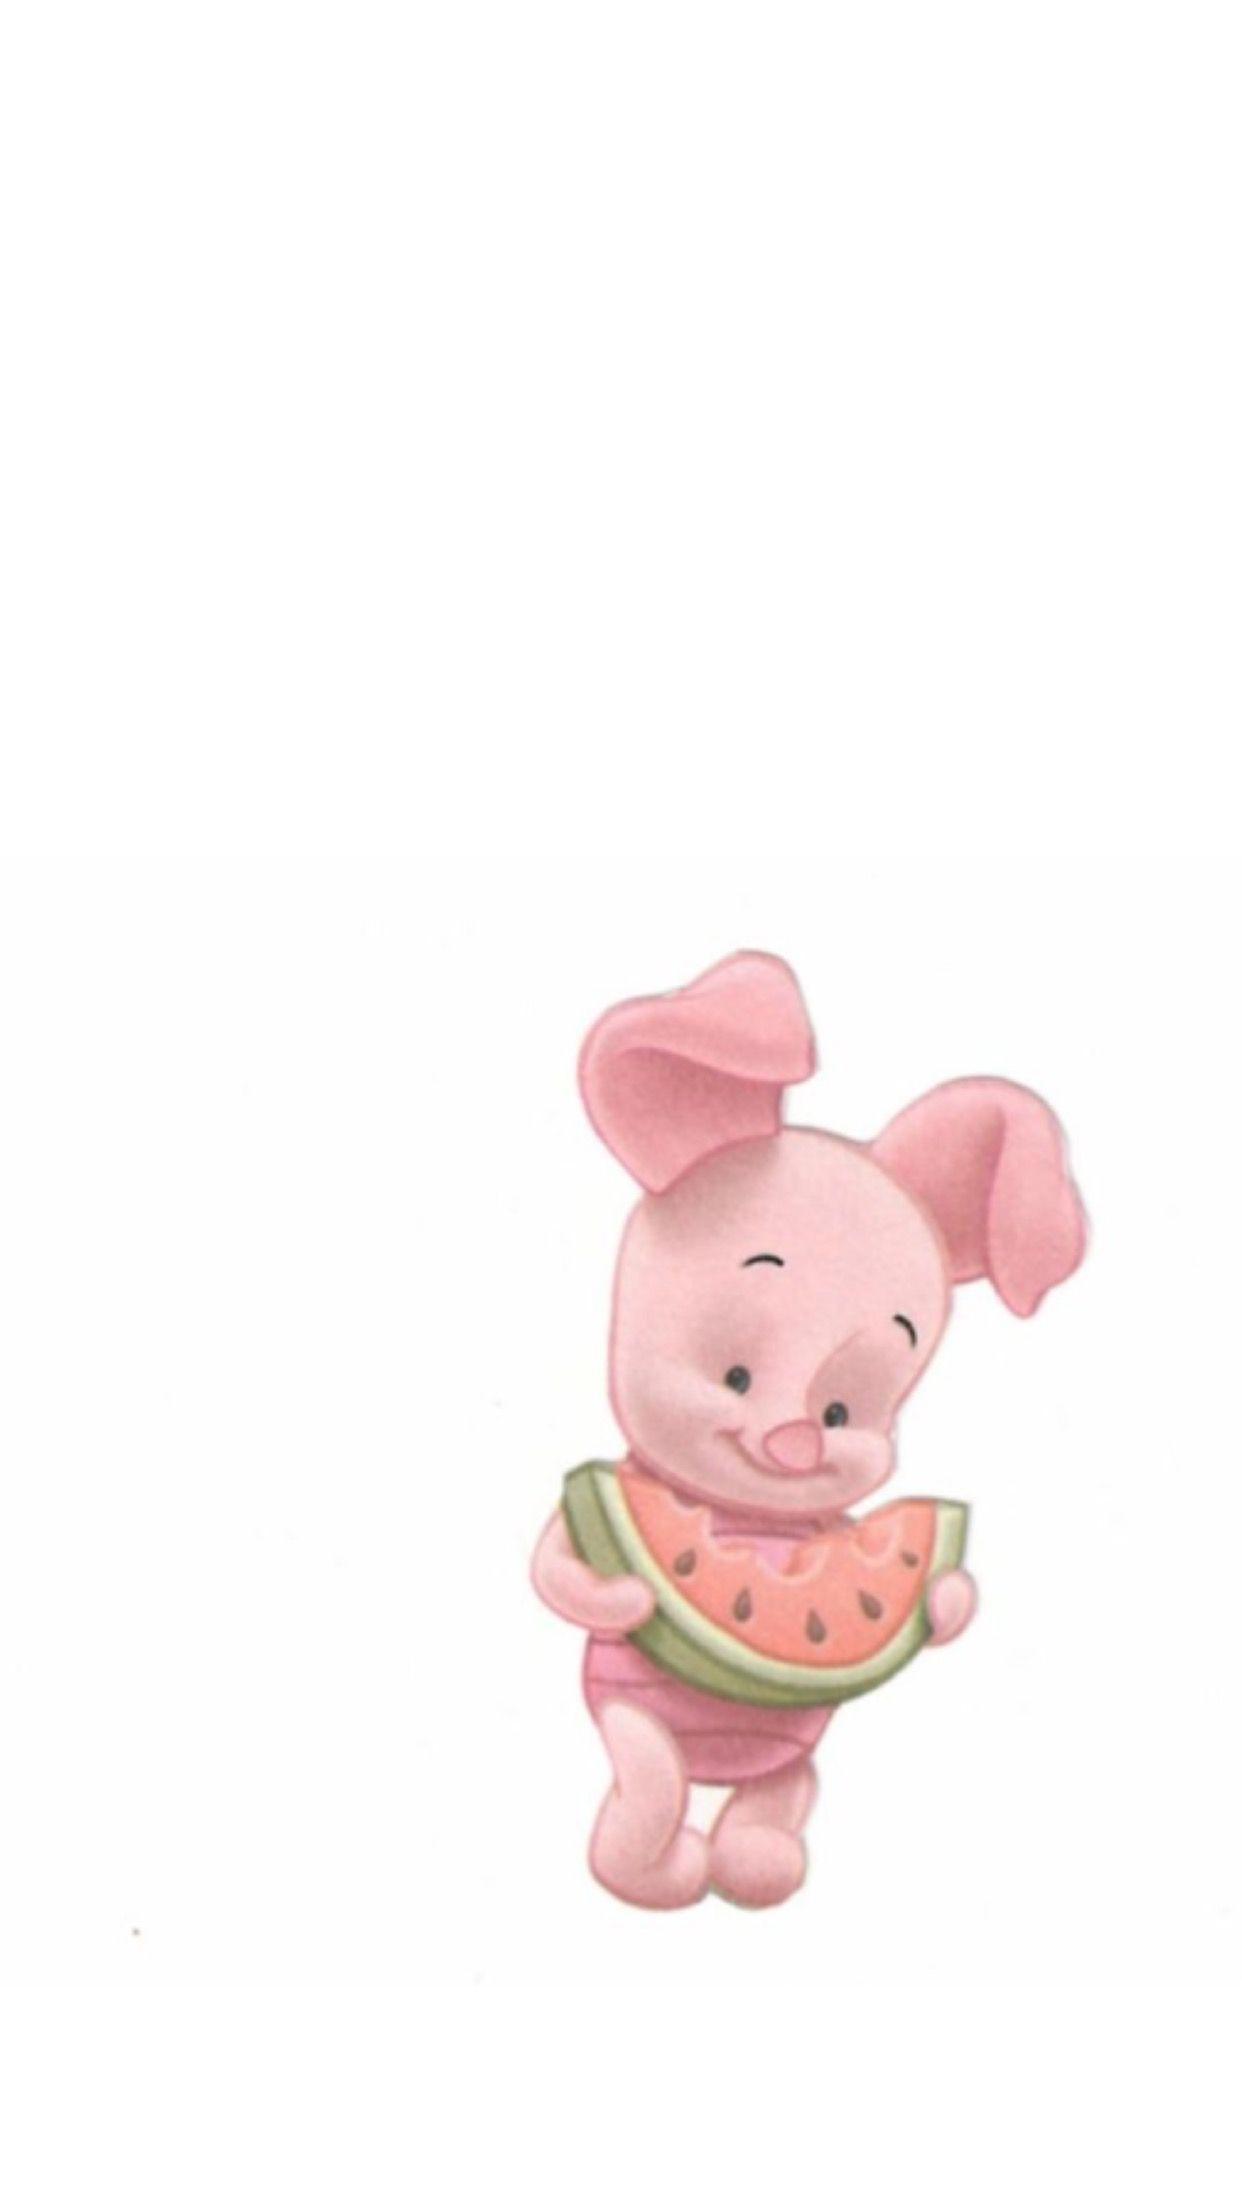 Piglet Wallpapers - Top Free Piglet ...